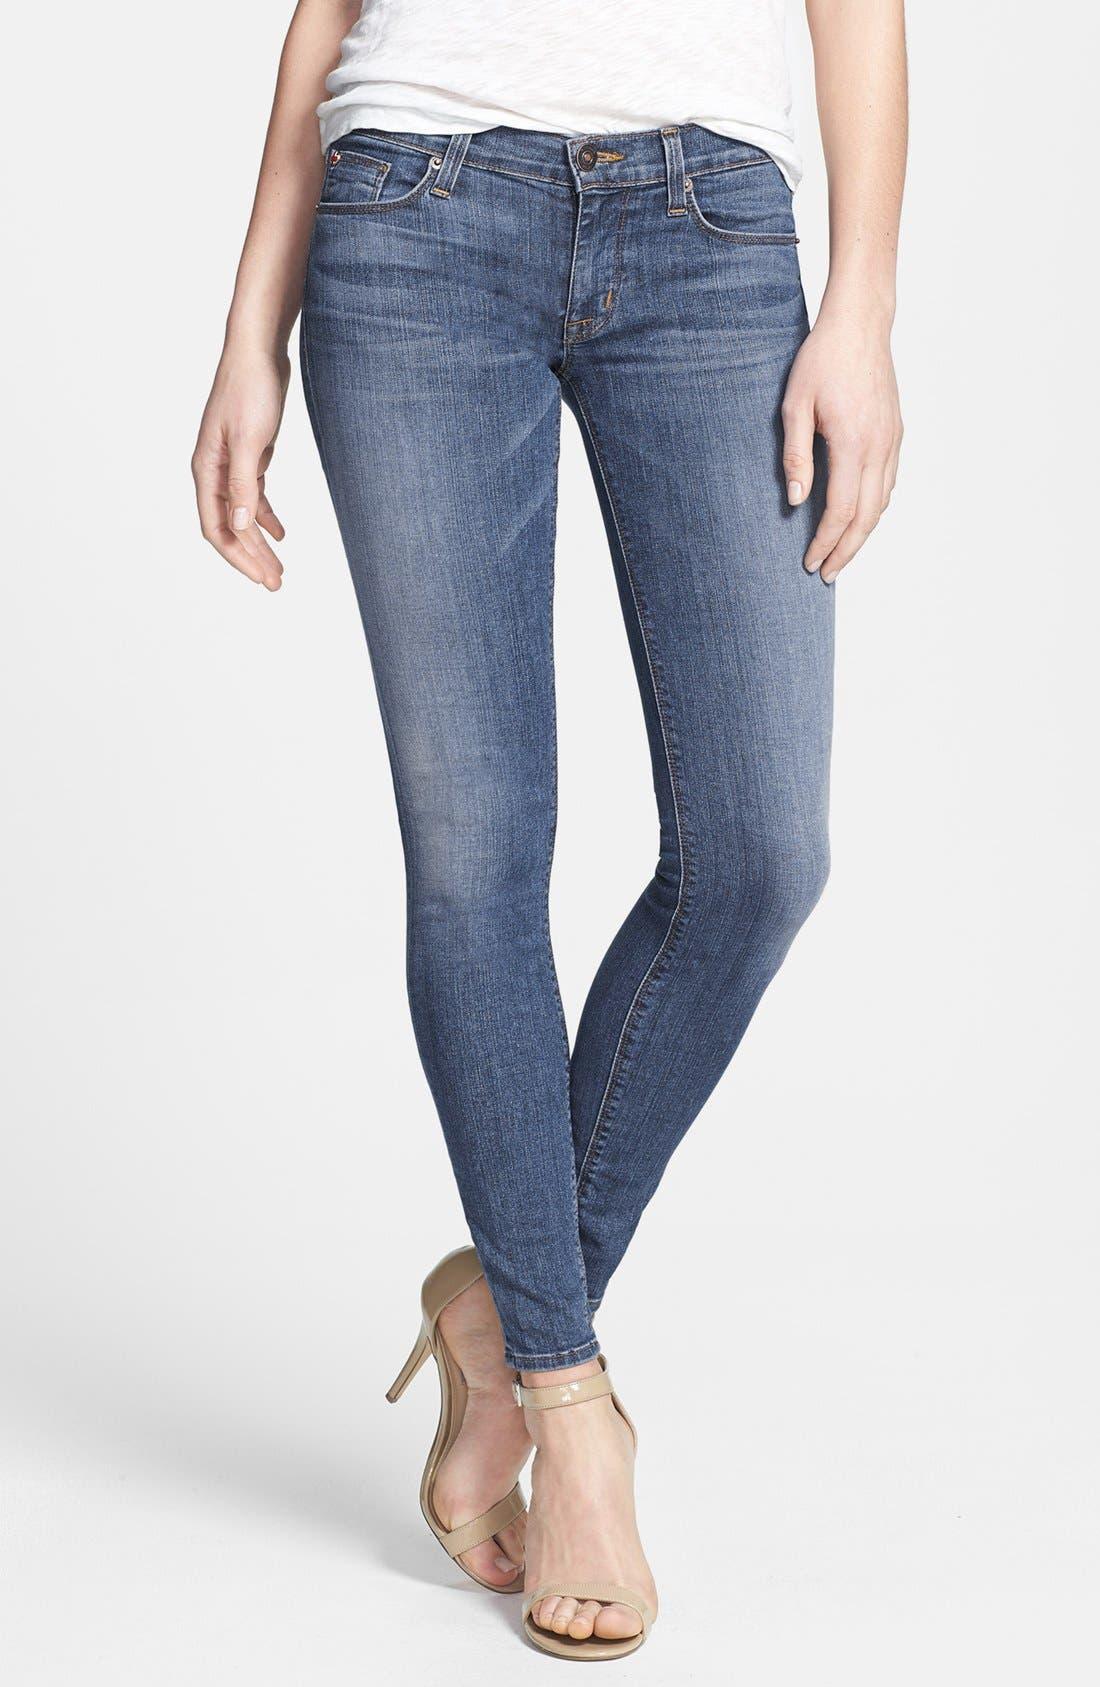 Alternate Image 1 Selected - Hudson Jeans 'Krista' Super Skinny Jeans (Floyd 2)